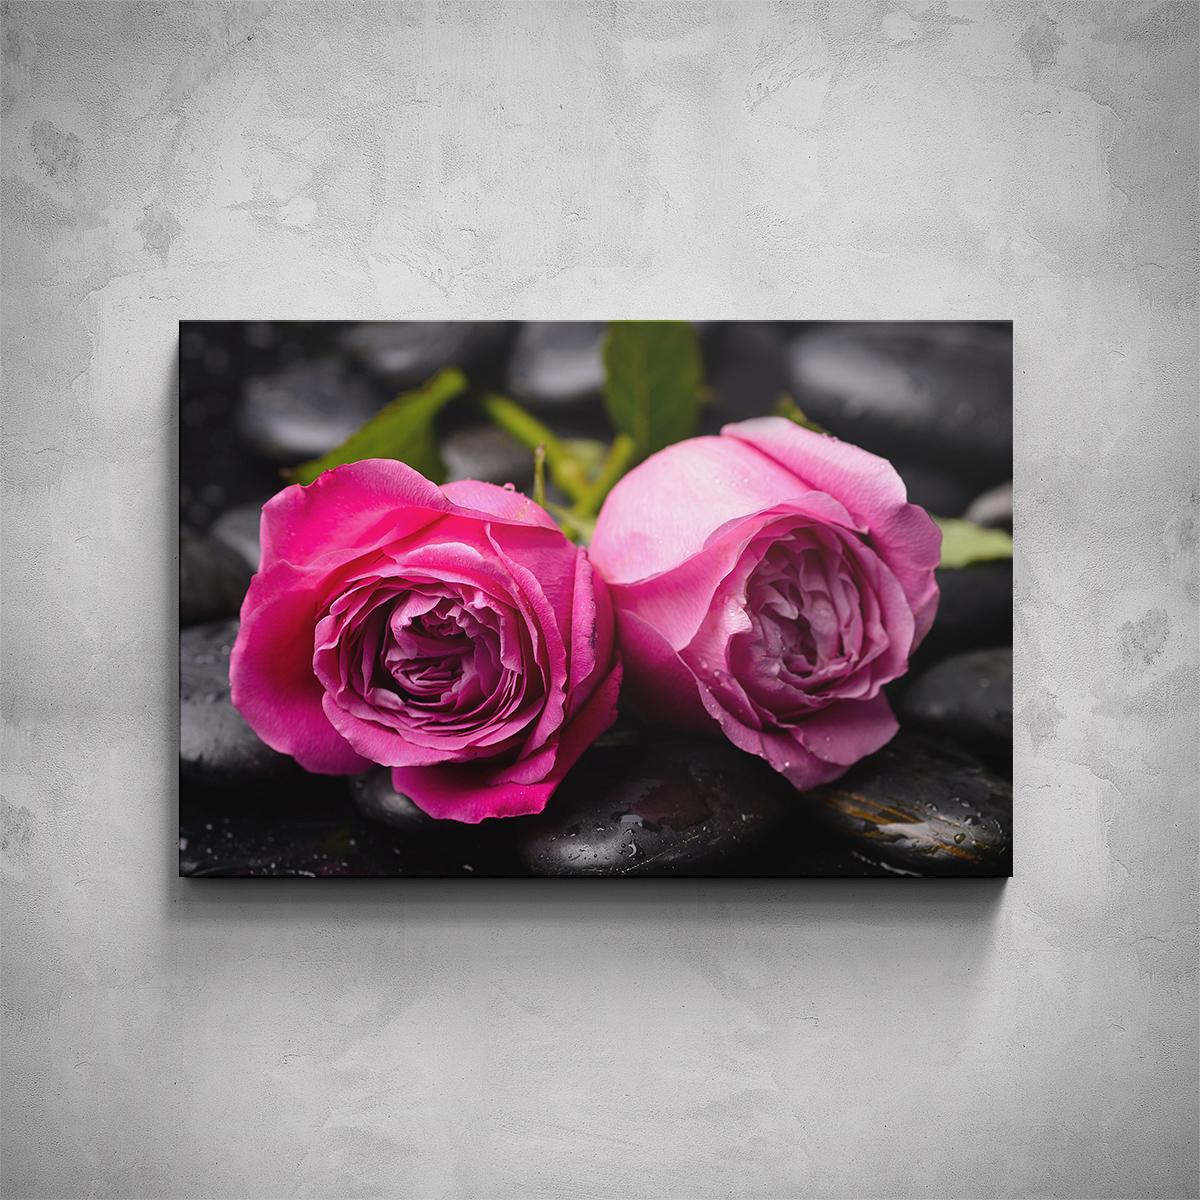 Obraz - Růže na kamenech - PopyDesign